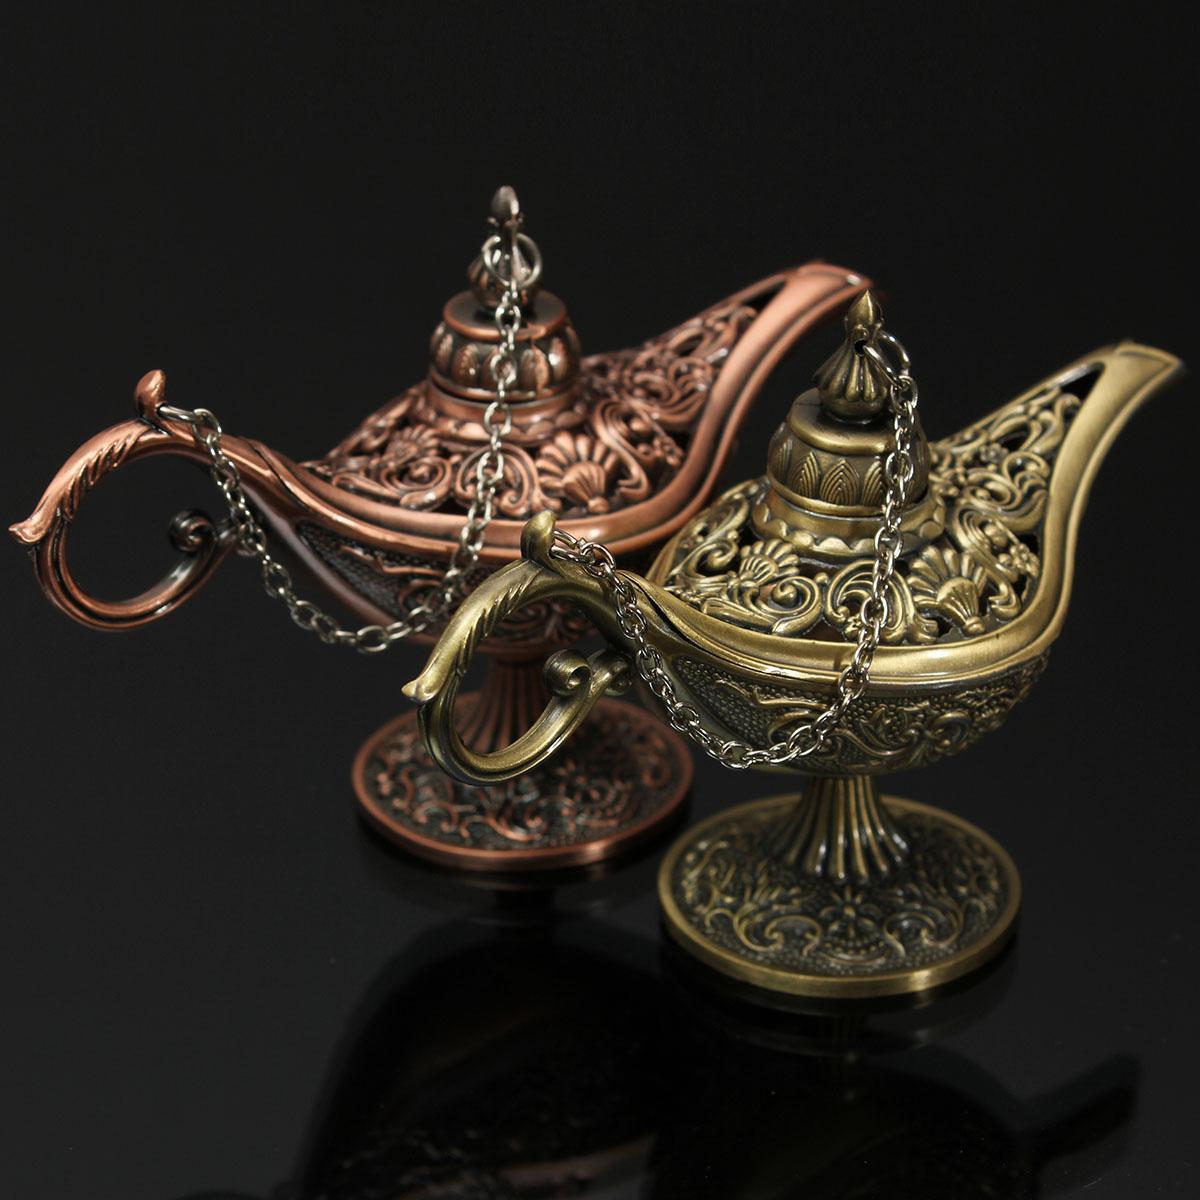 Stil-Märchen Aladdin magische Lampen-Tee-Topf Genie Lamp Vintage Retro Spielzeug für Kinder Home Decoration Geschenke